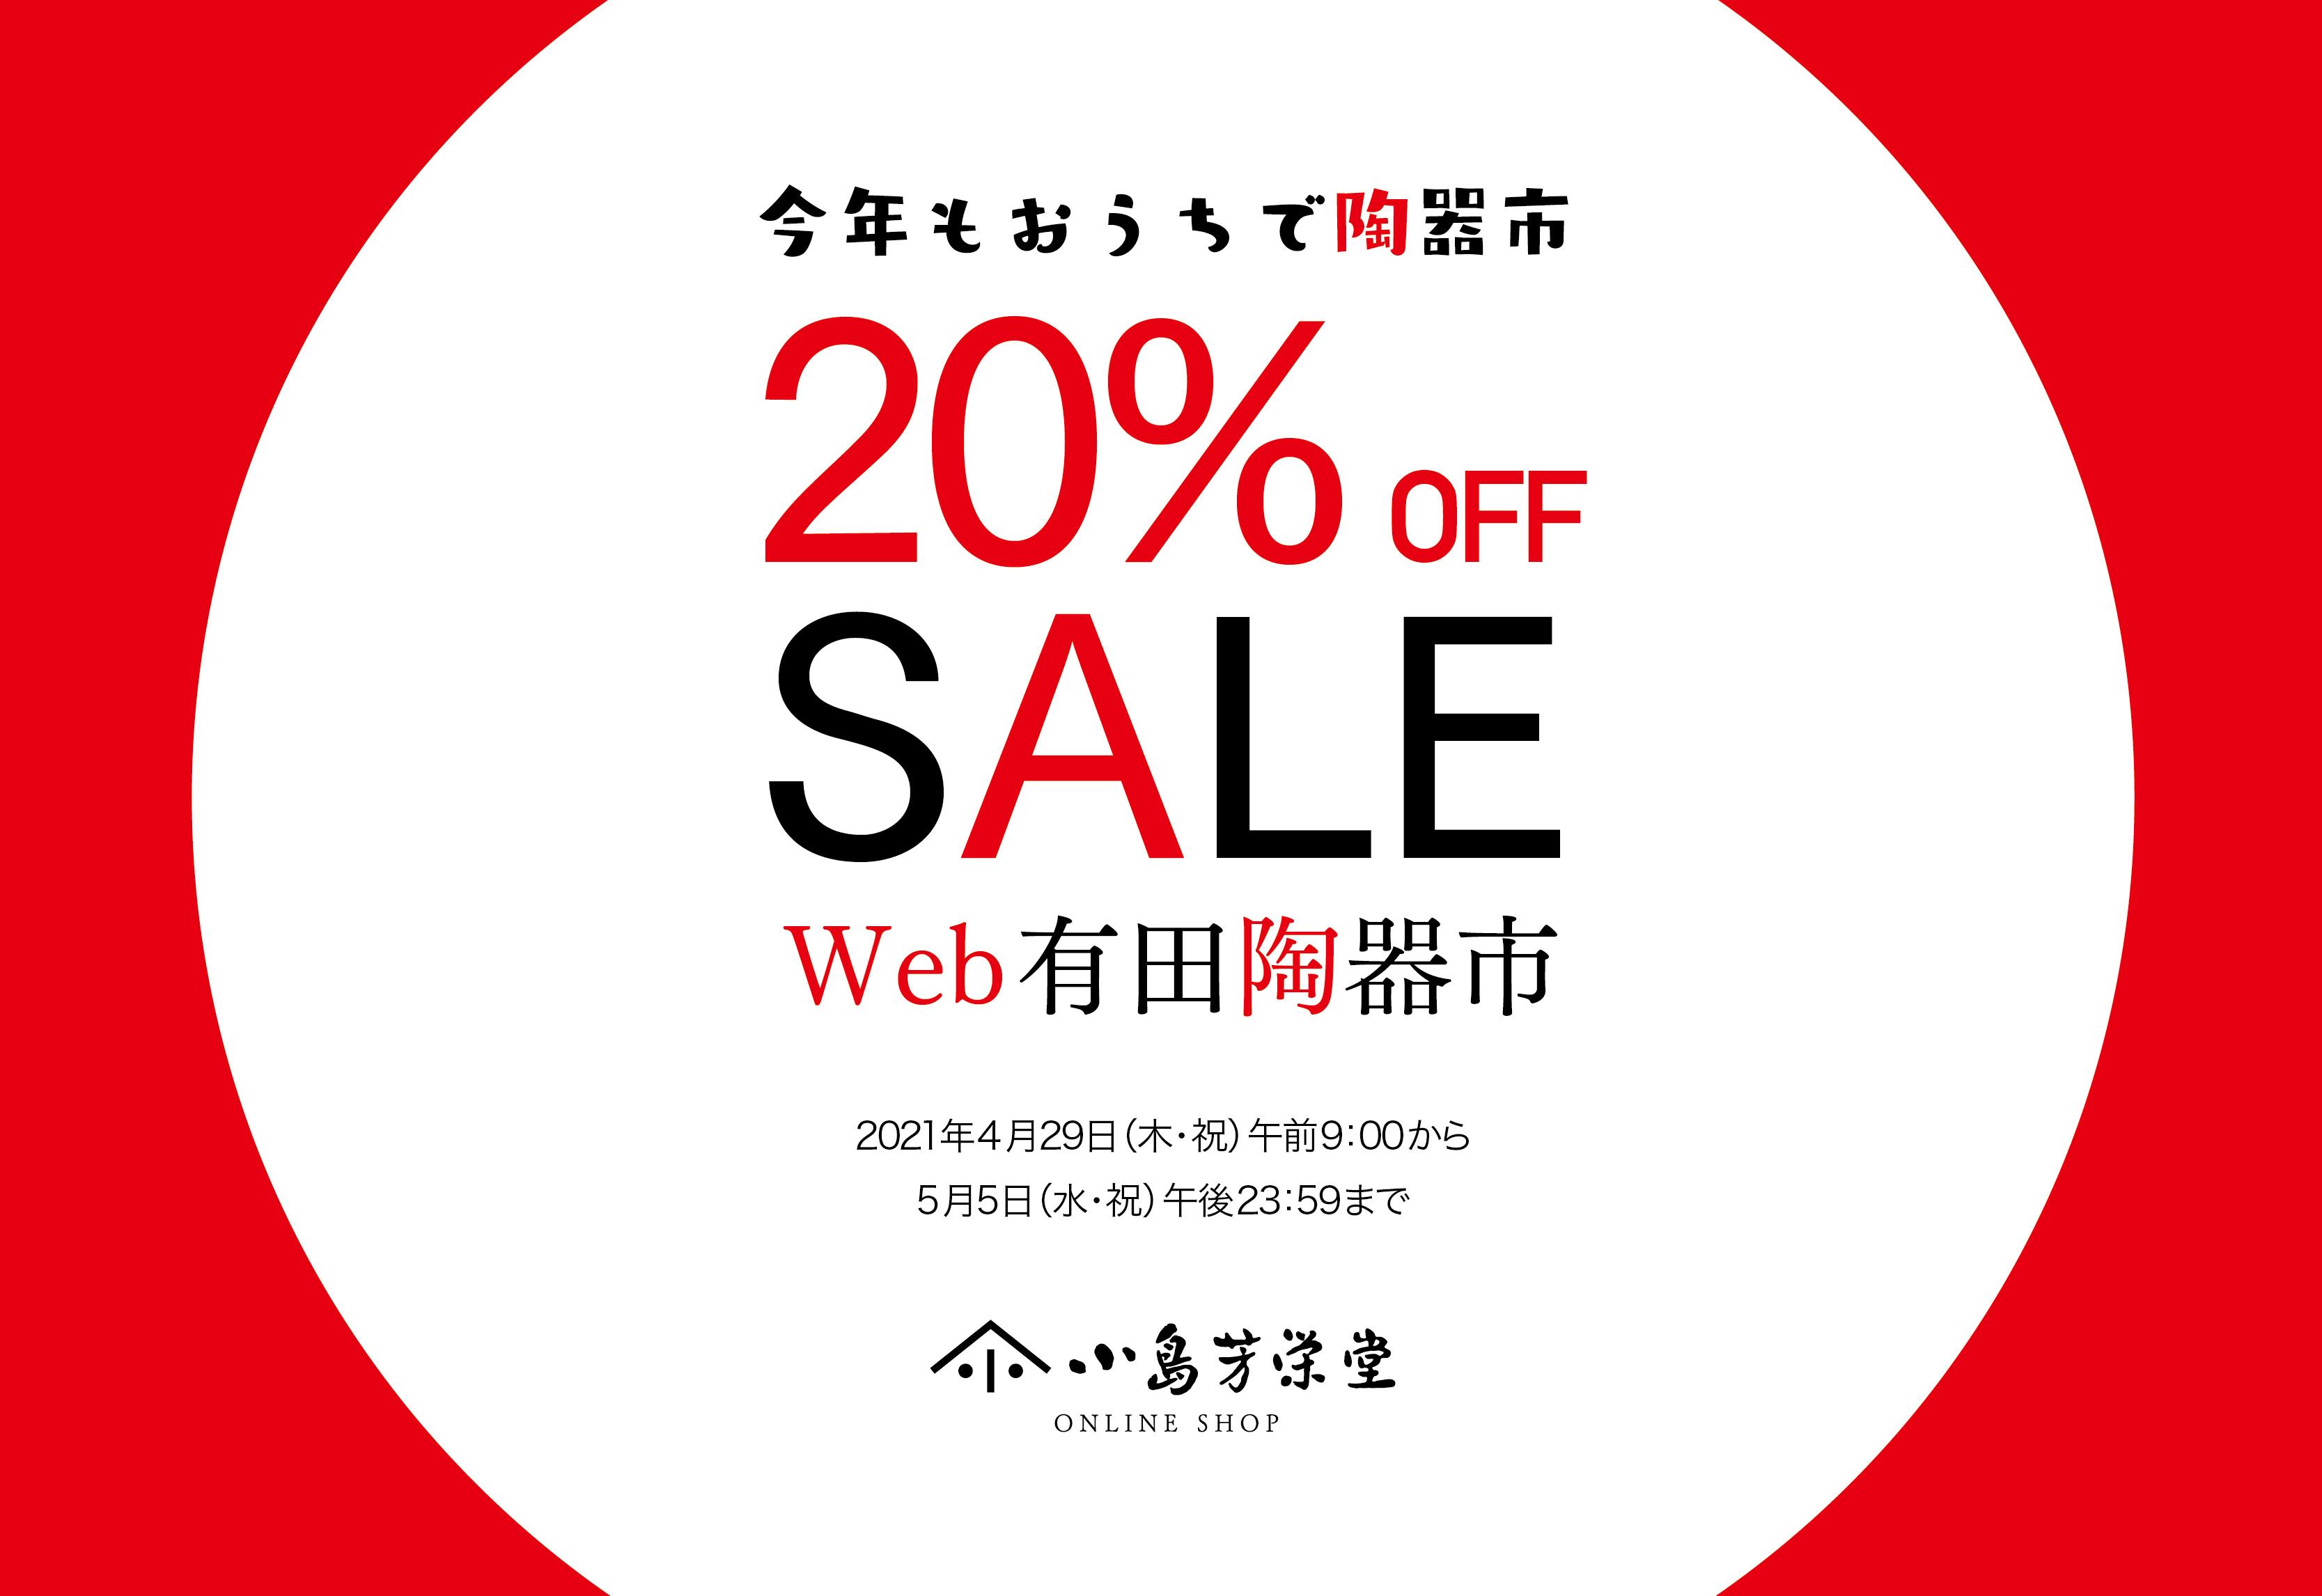 【予告】Web有田陶器市 《今年もおうちで陶器市20%OFFセール》のご案内